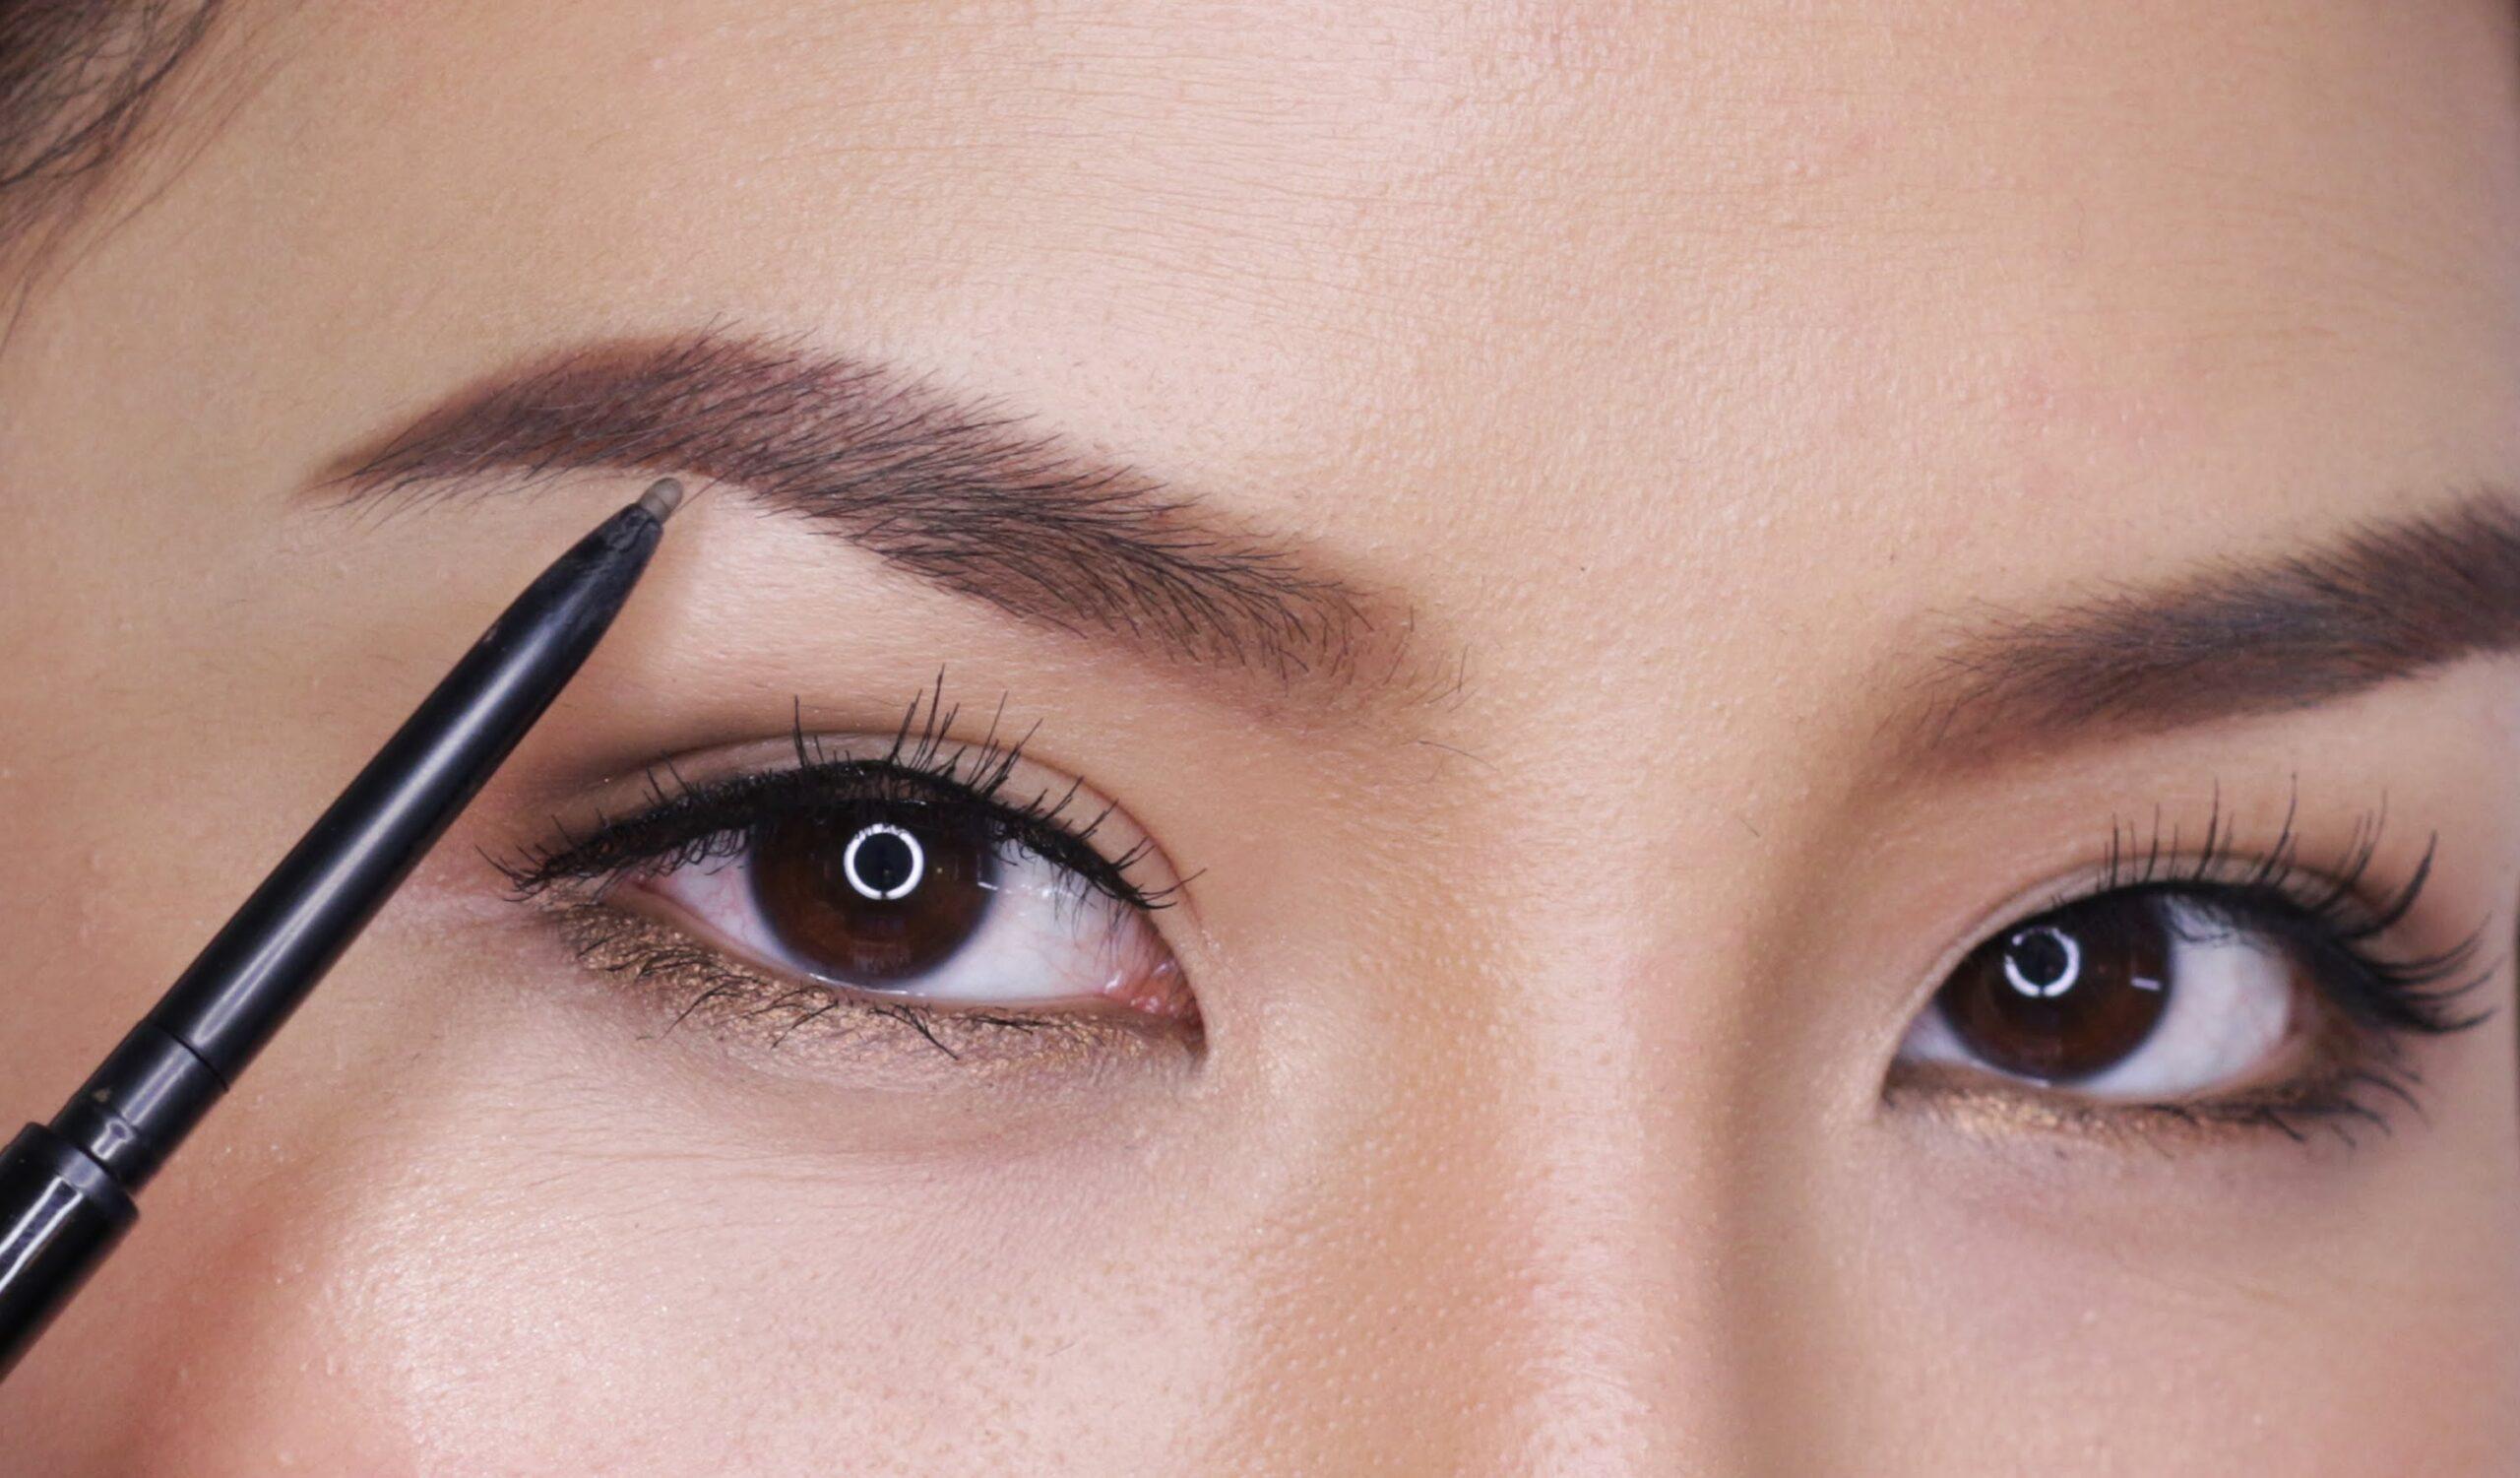 Cos'è e come si utilizza un eyebrow fiber filler?